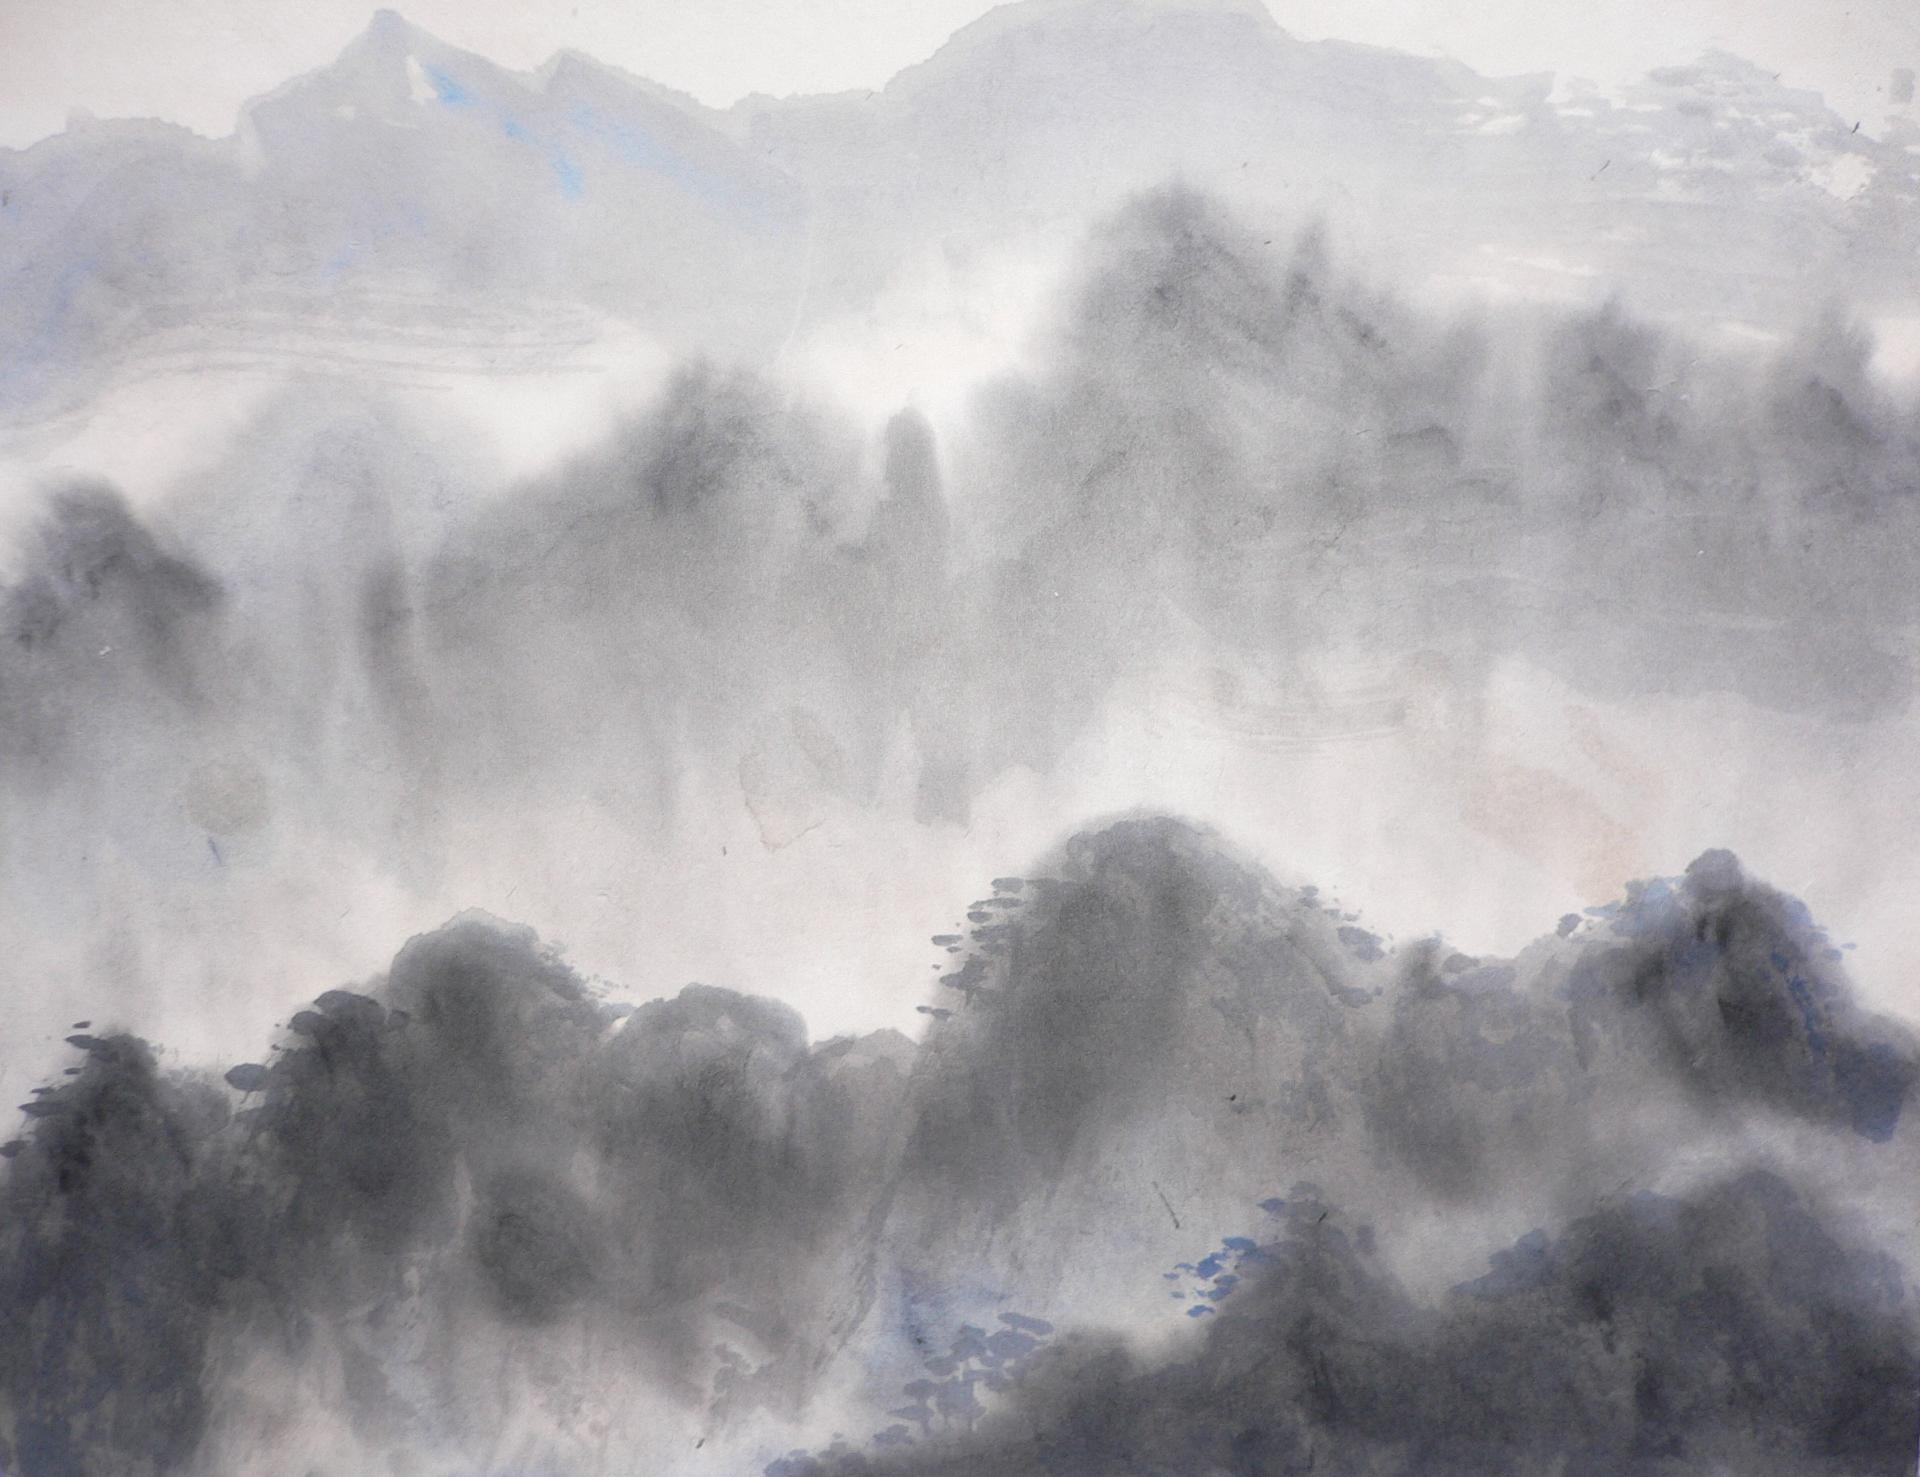 Paysage dans la brume matinale